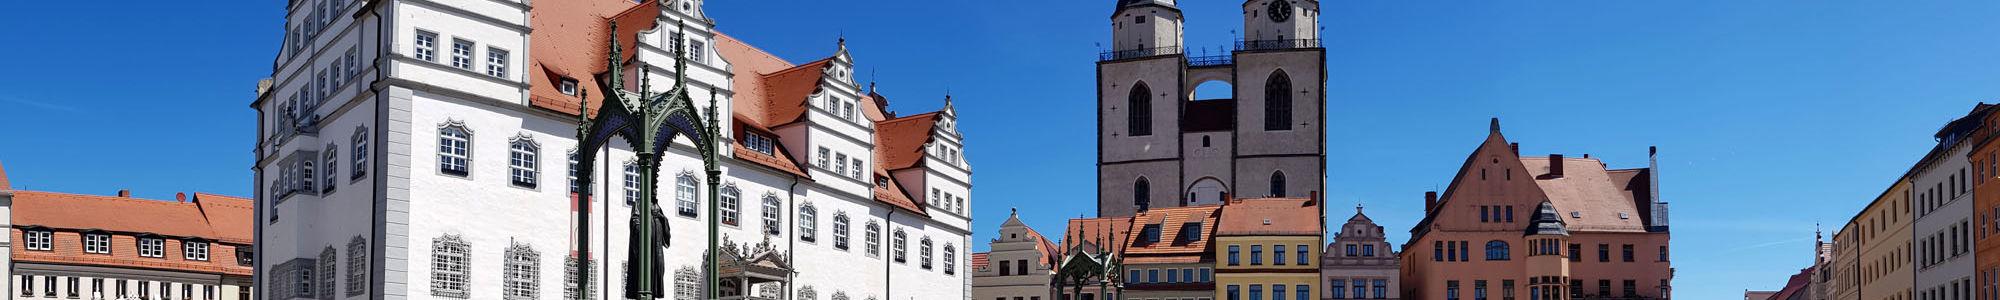 Wittenberger Markt mit Stadtkirche